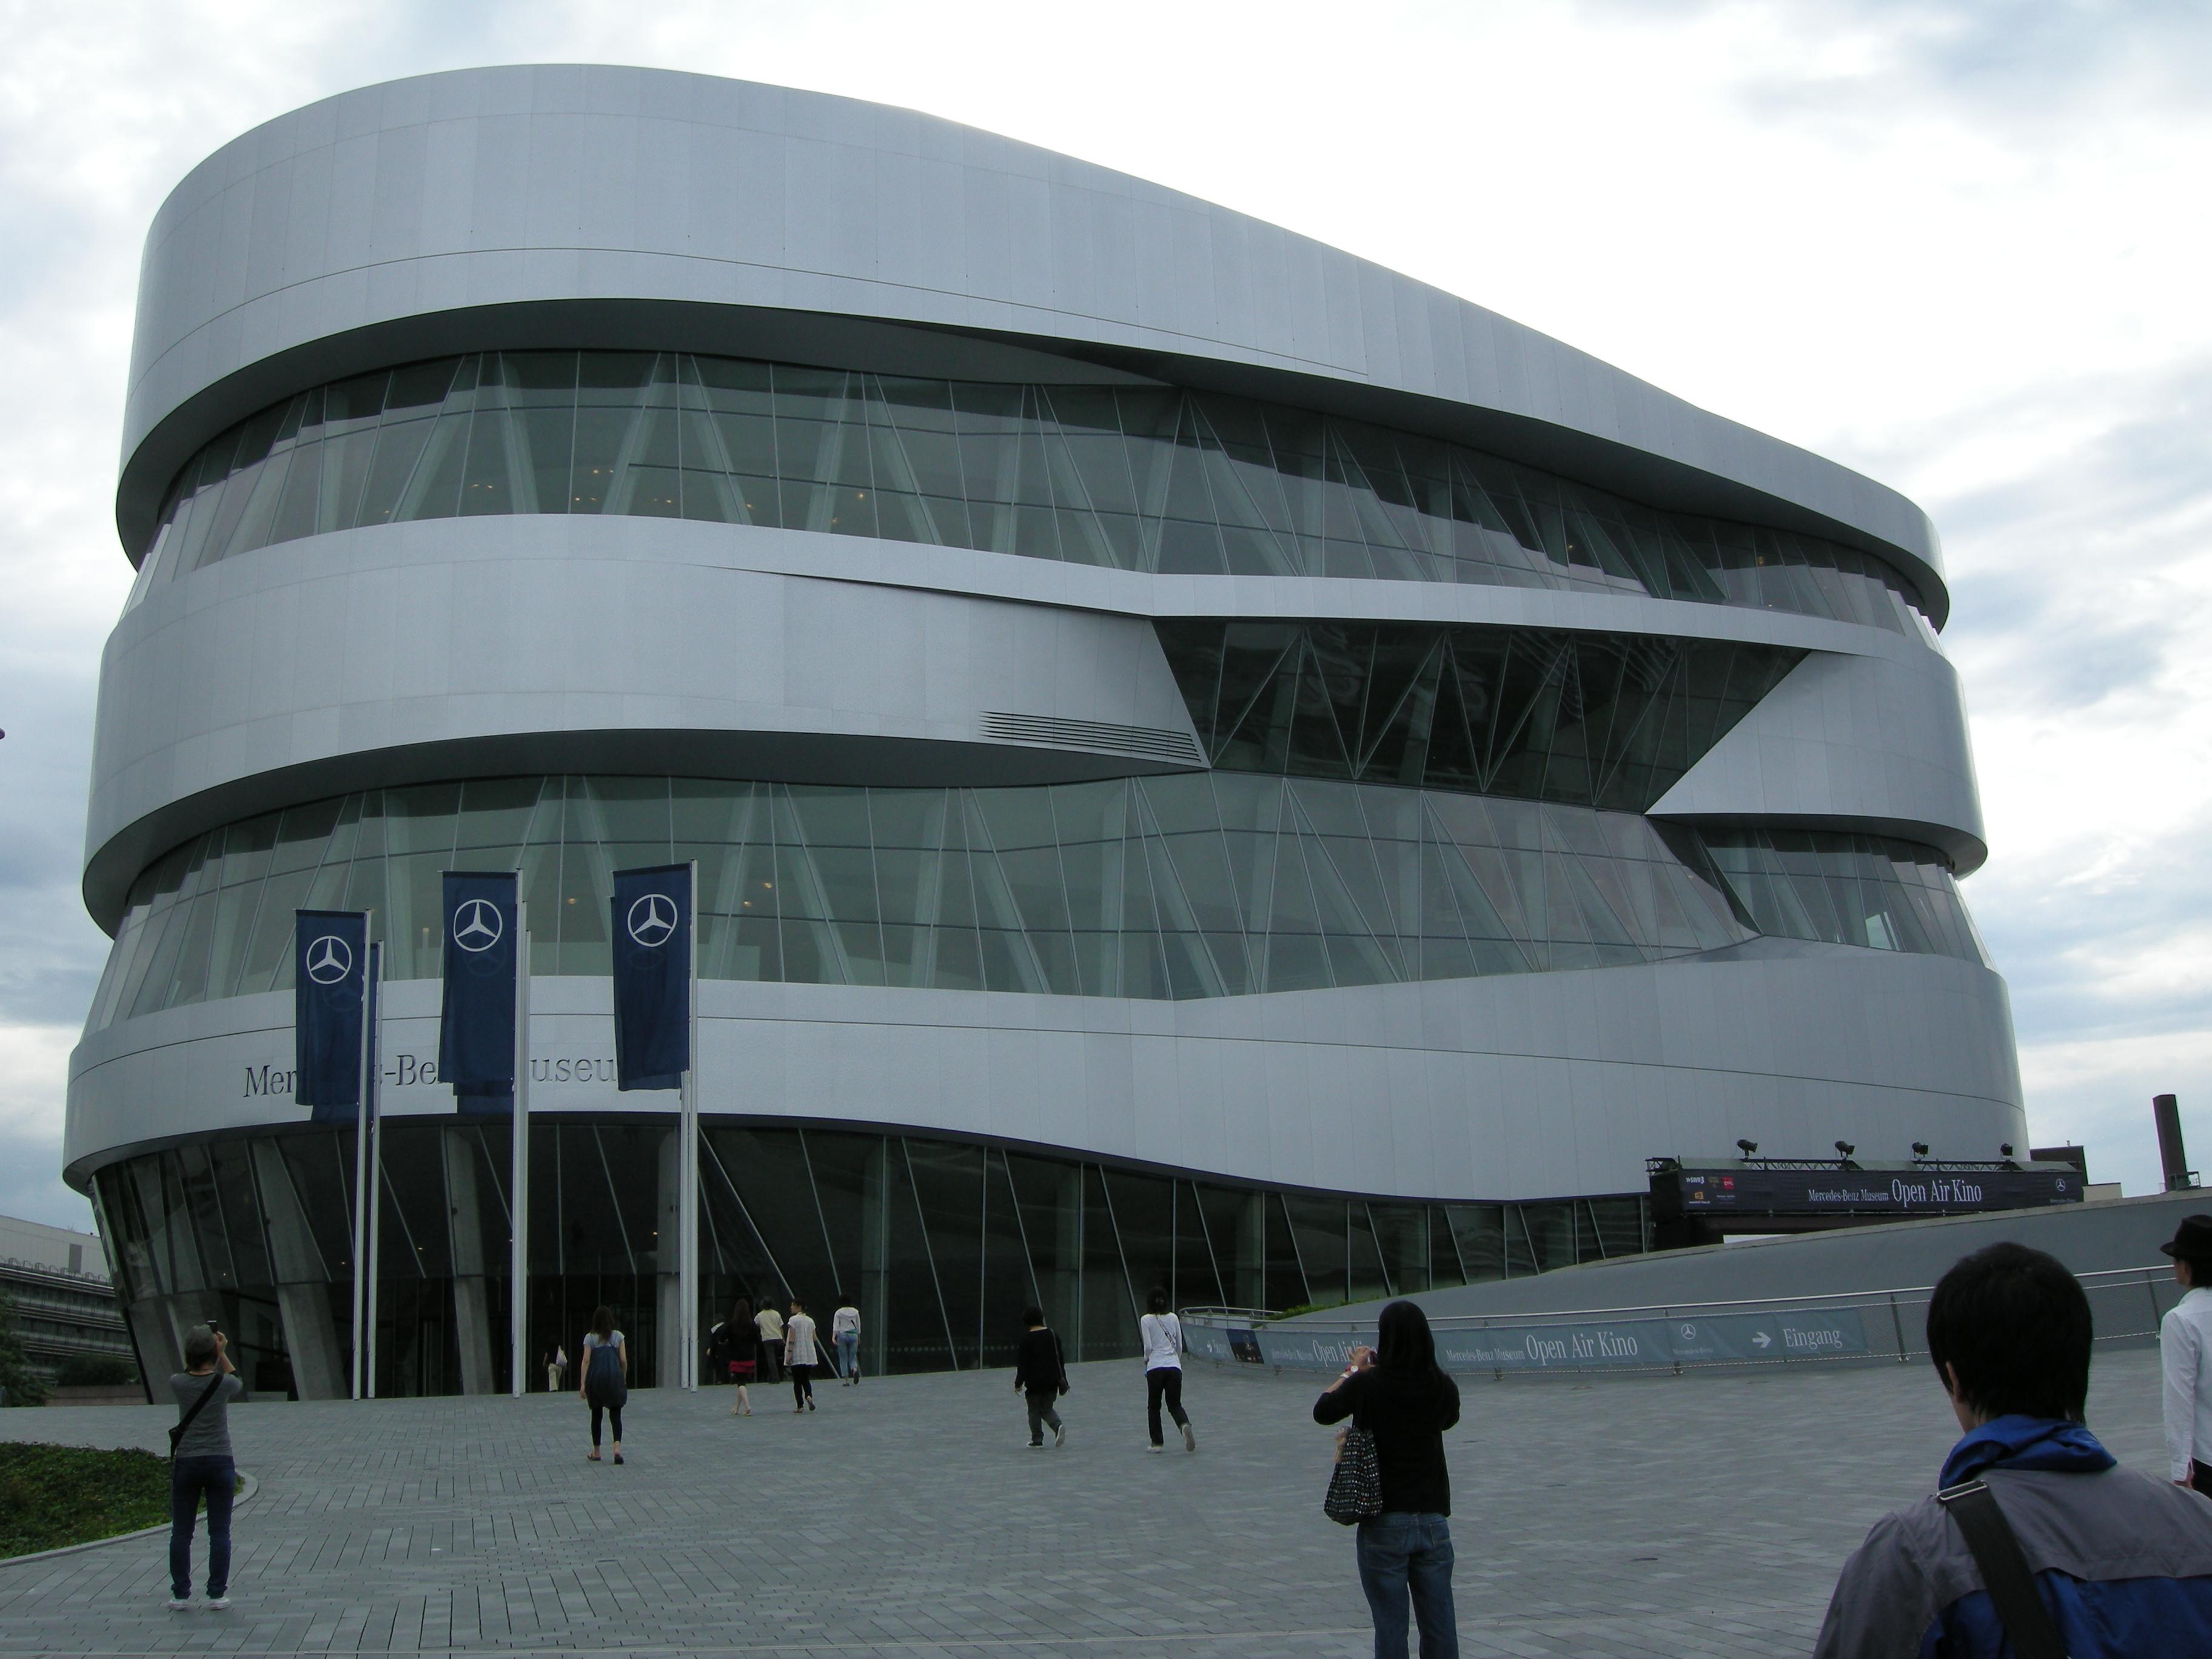 ベンツミュージアム-近未来的な二重螺旋の展示場-